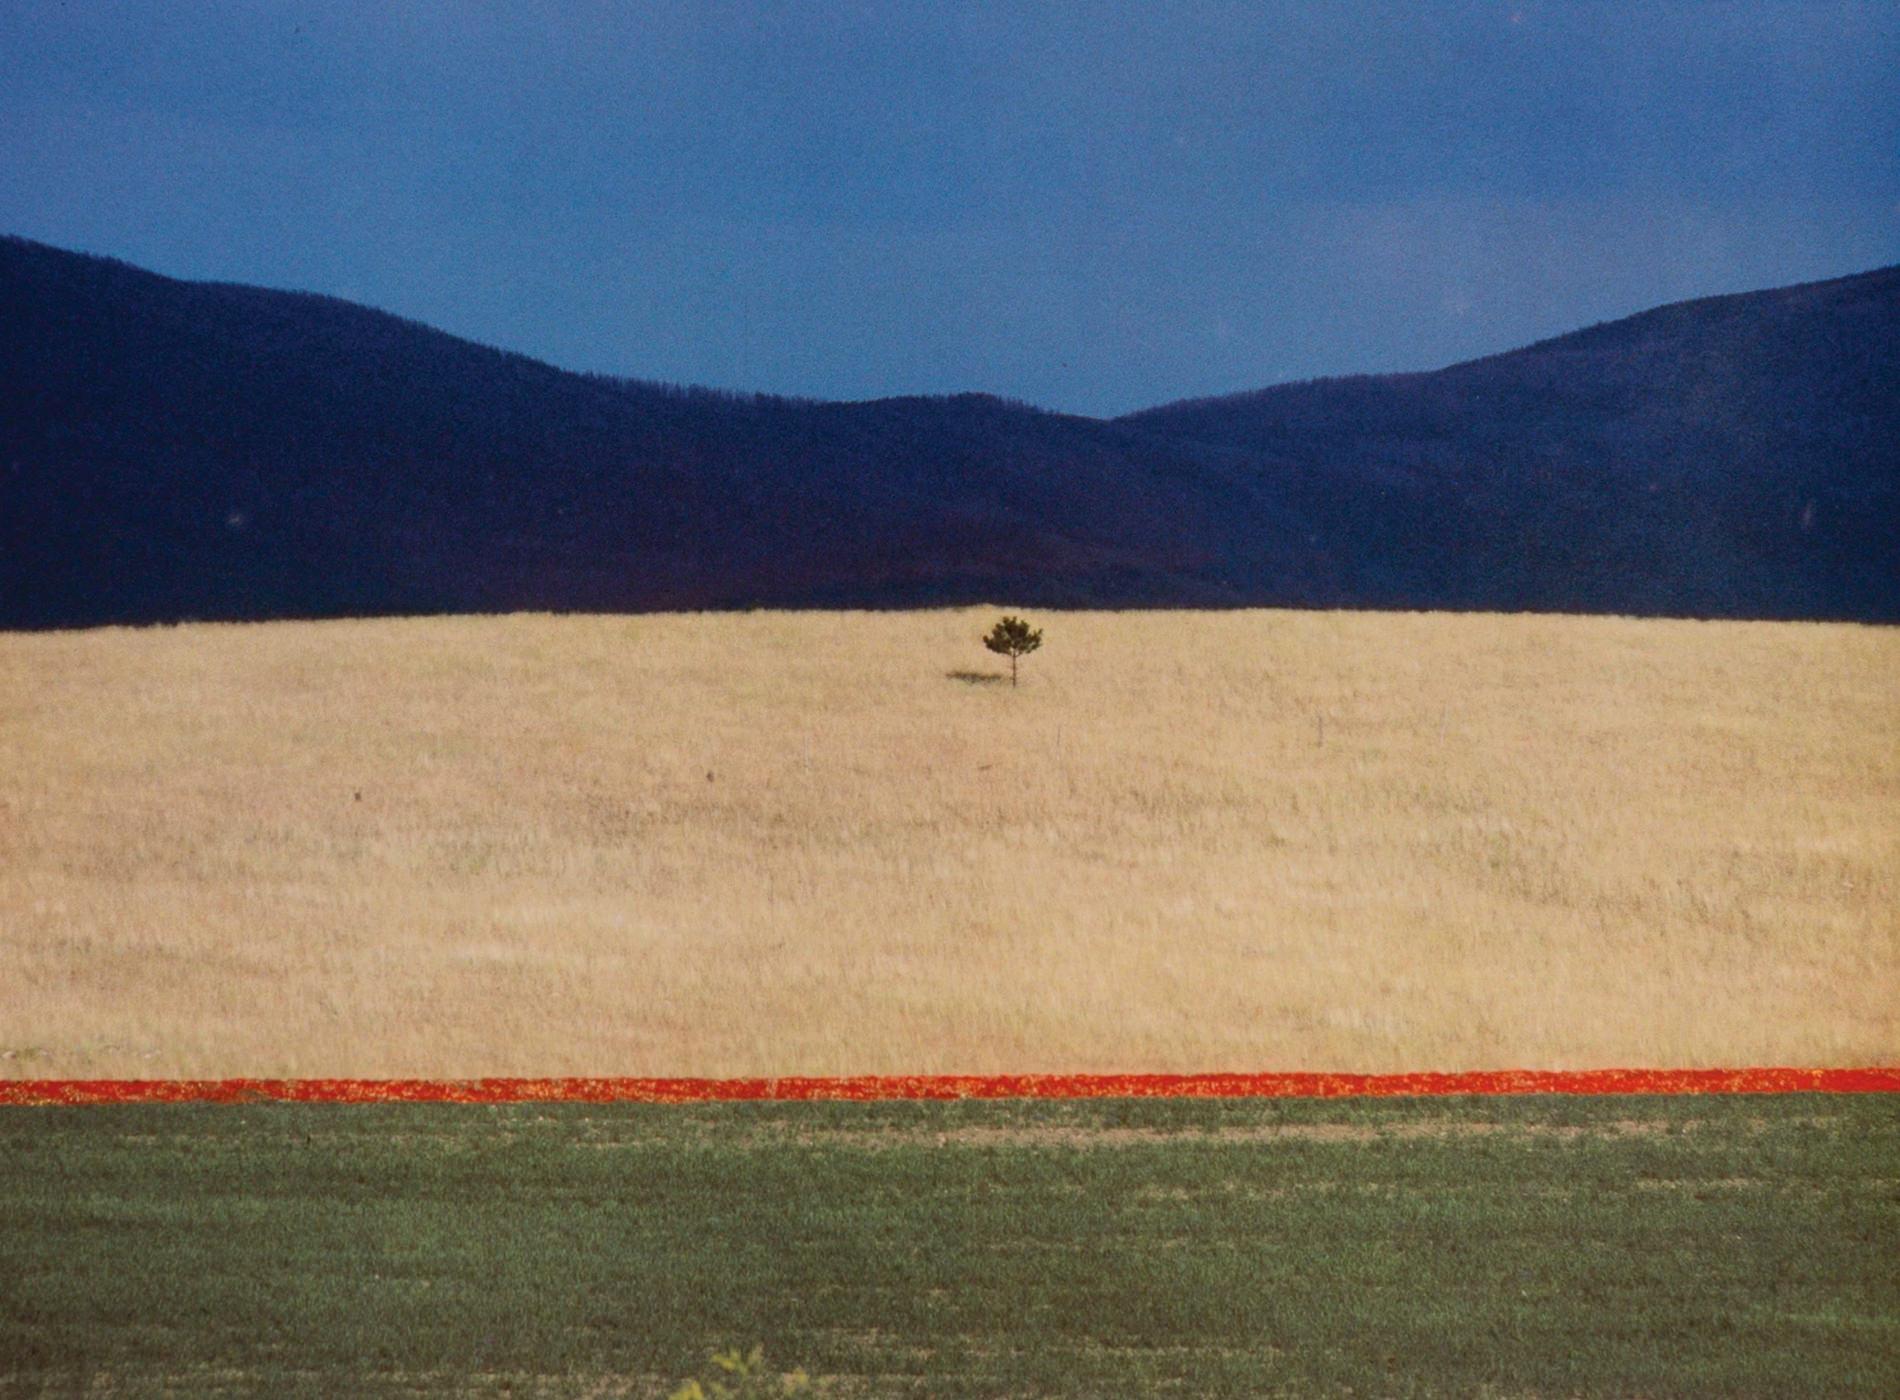 Franco Fontana Photographie Paesaggio 1990